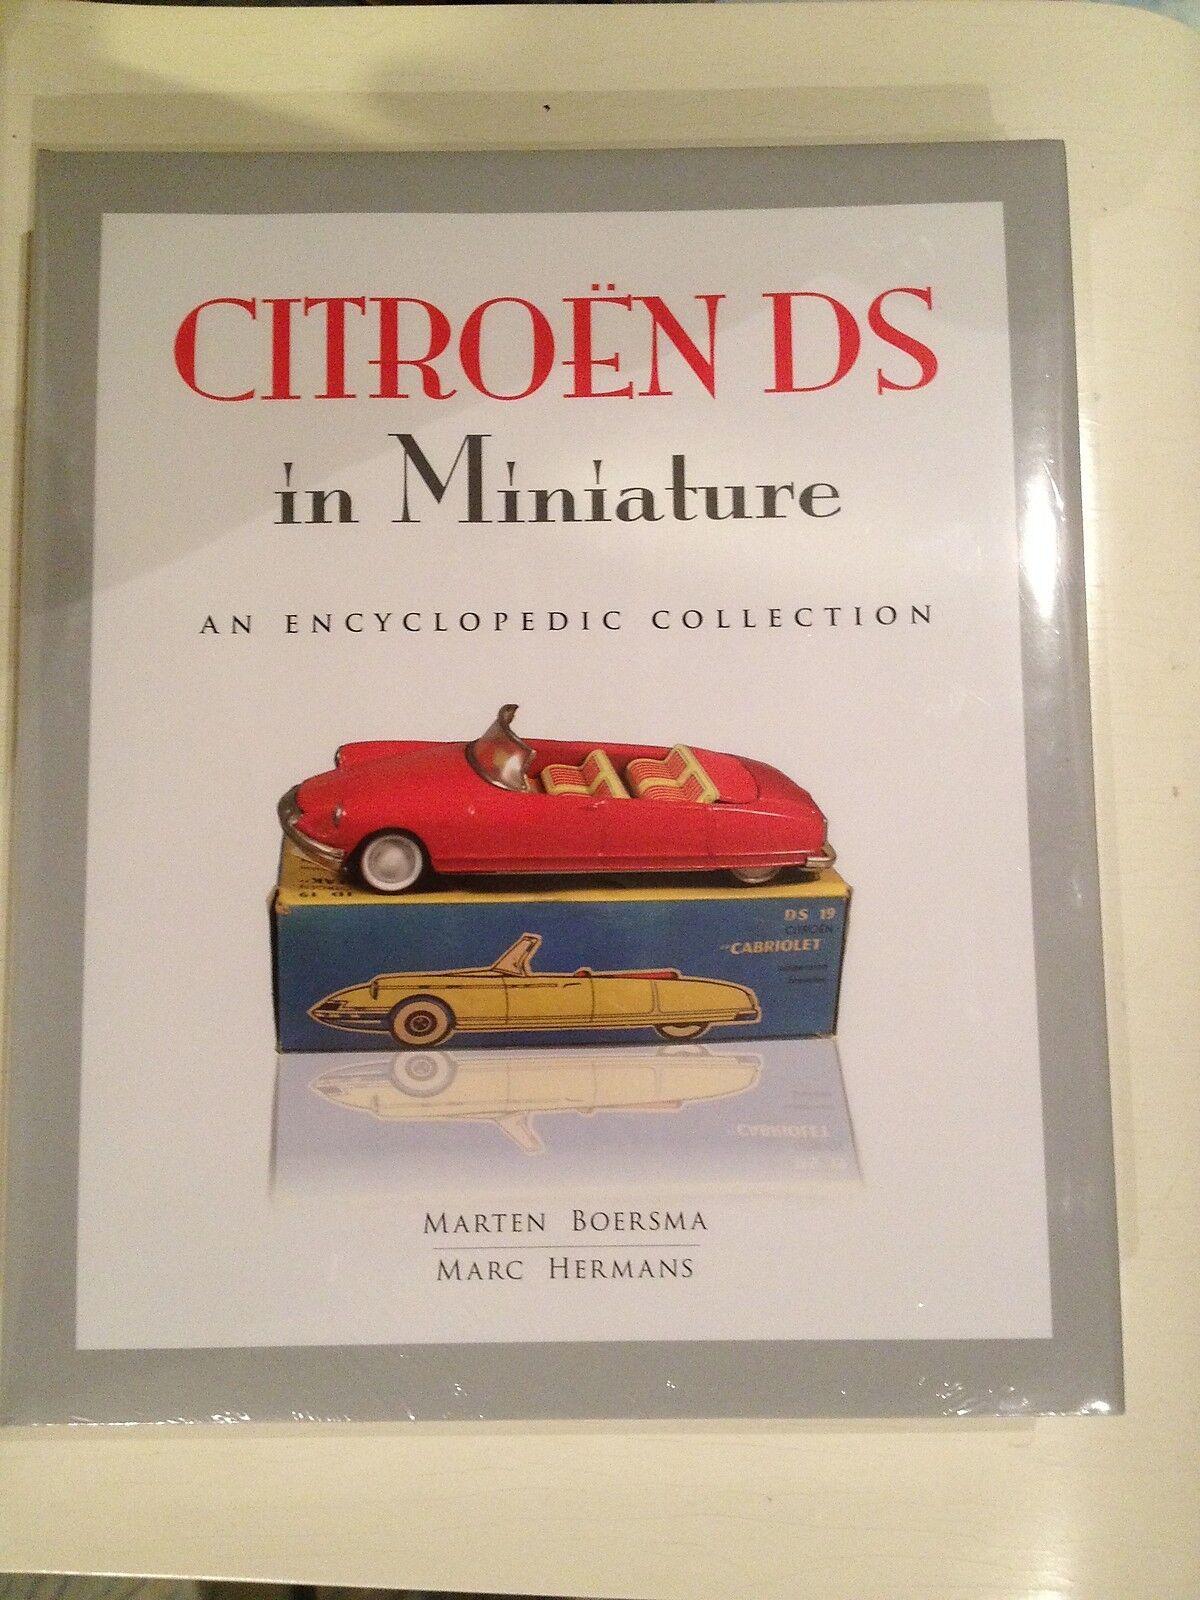 CITROEN DS jouet livre, modèle voitures + tôle jouets 460 pages 5000 Modèles